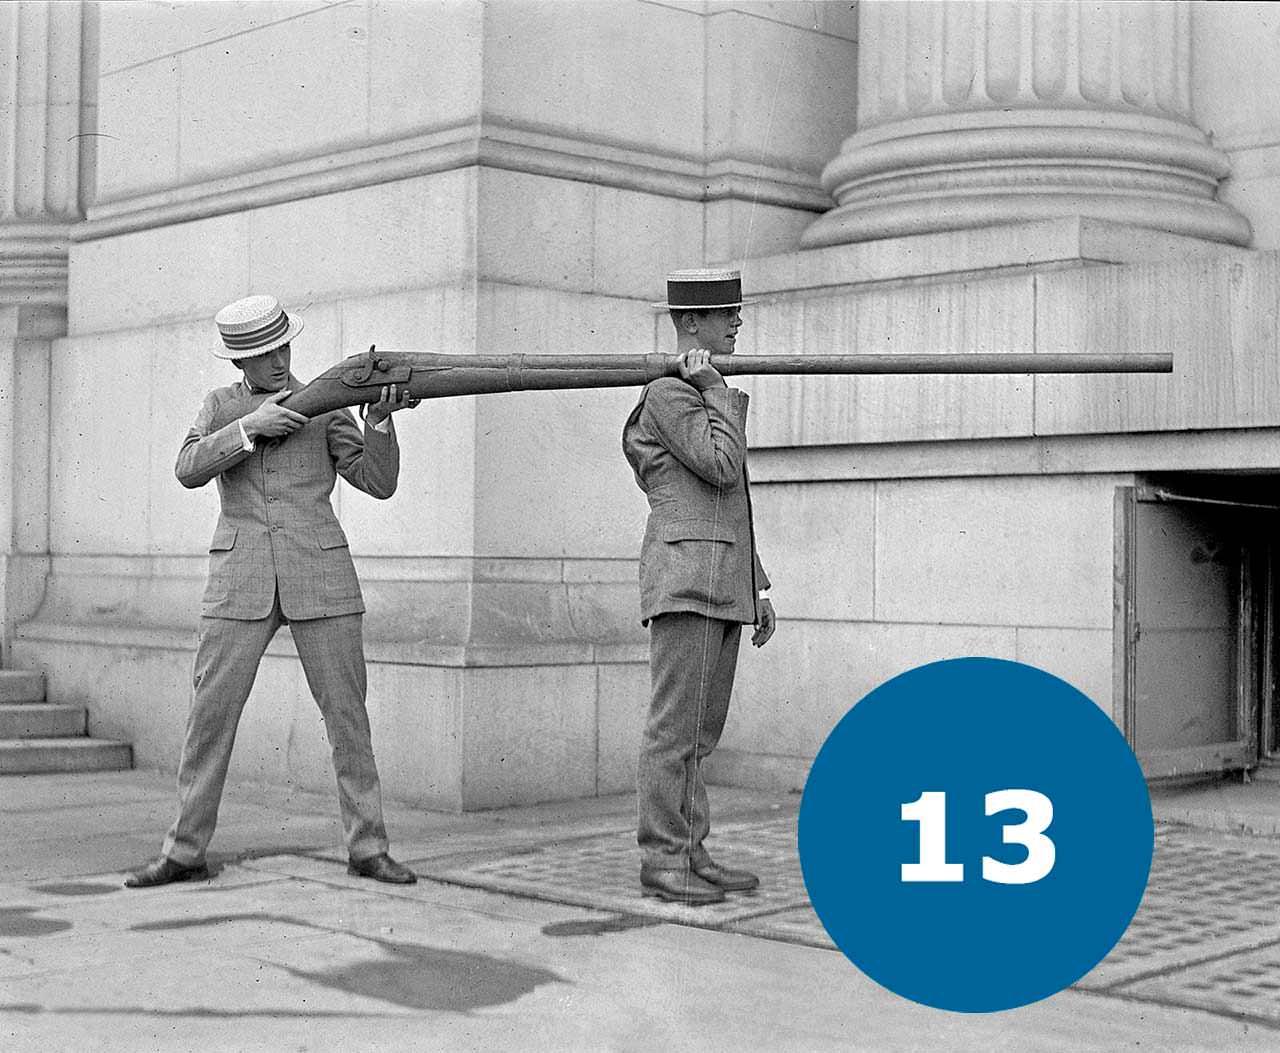 Найбільша рушниця в світі